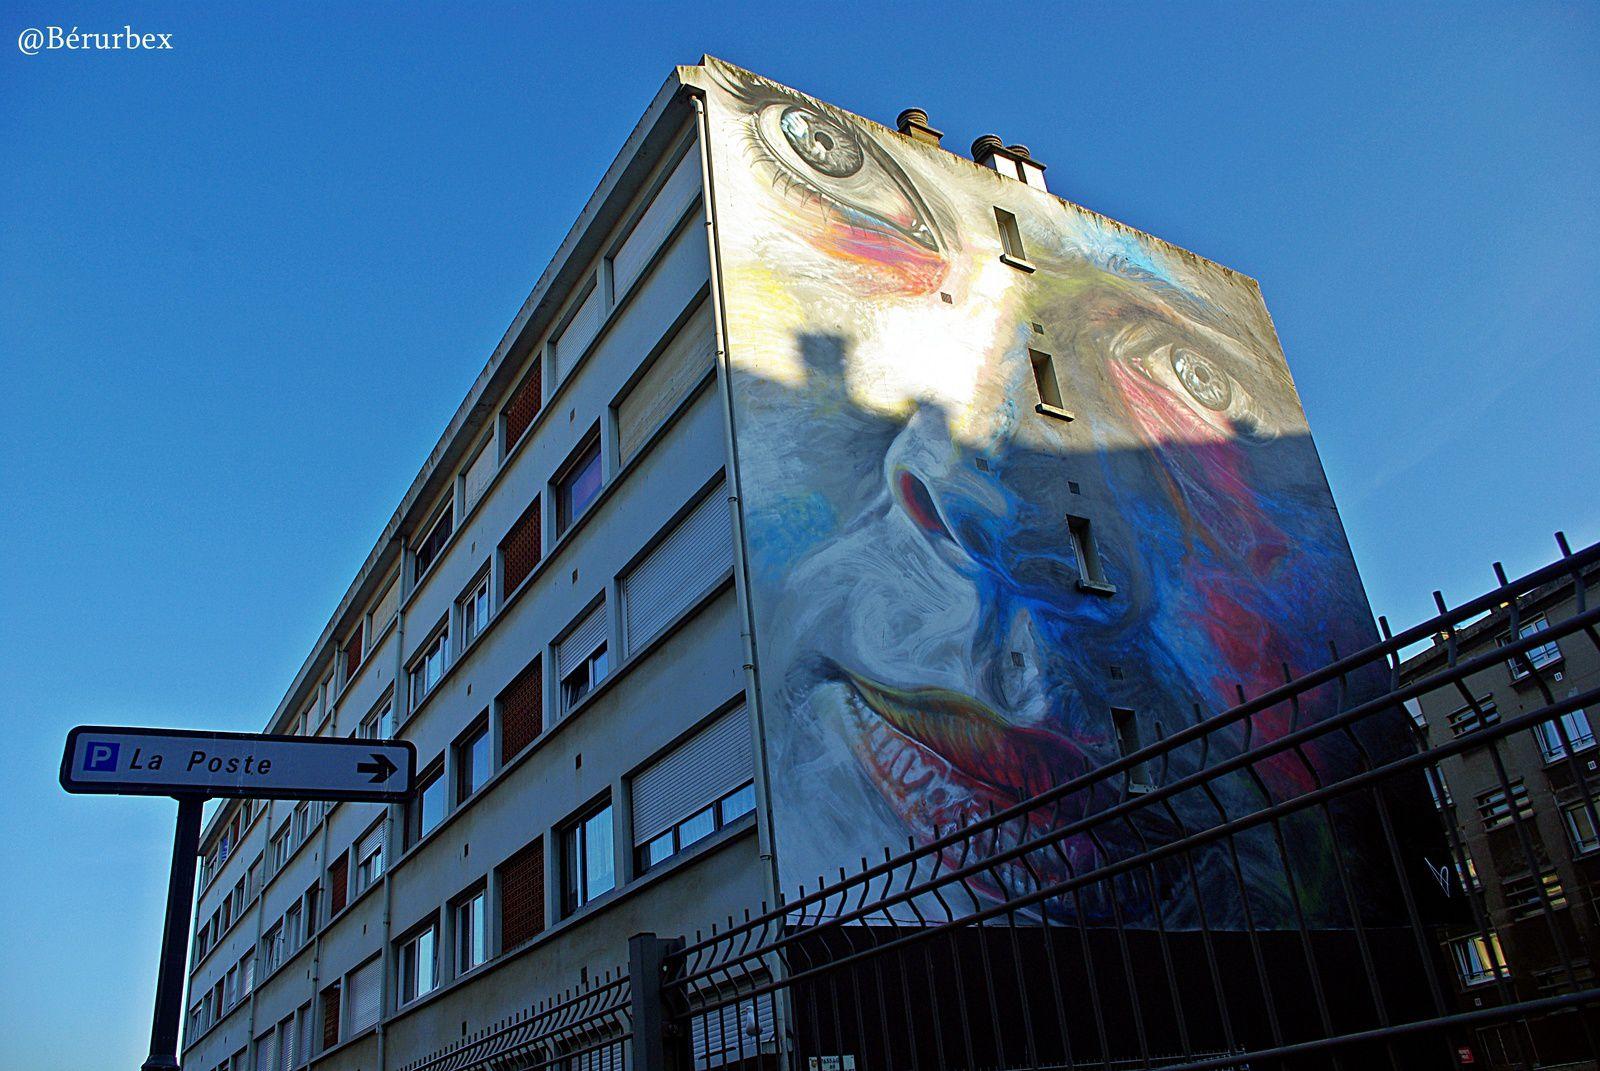 Coucher de soleil à Boulogne sur mer et les fresques réalisées par Young Jarus et .David Walker.